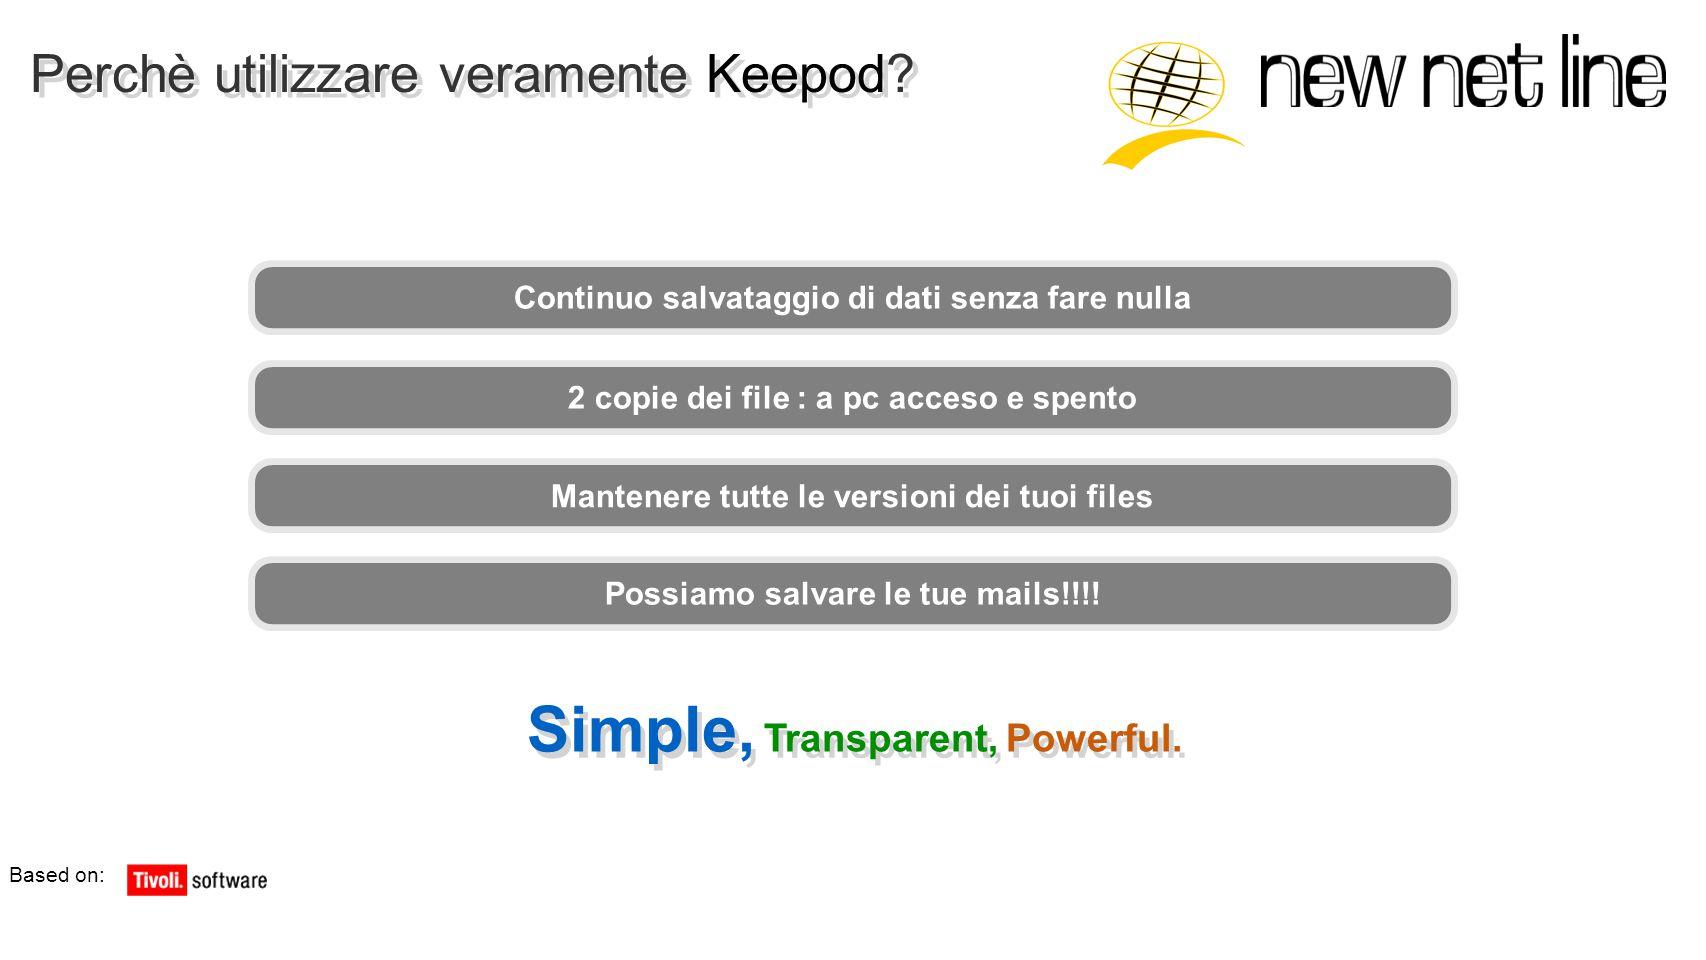 Perchè utilizzare veramente Keepod? Simple, Transparent, Powerful. Based on: Continuo salvataggio di dati senza fare nulla 2 copie dei file : a pc acc